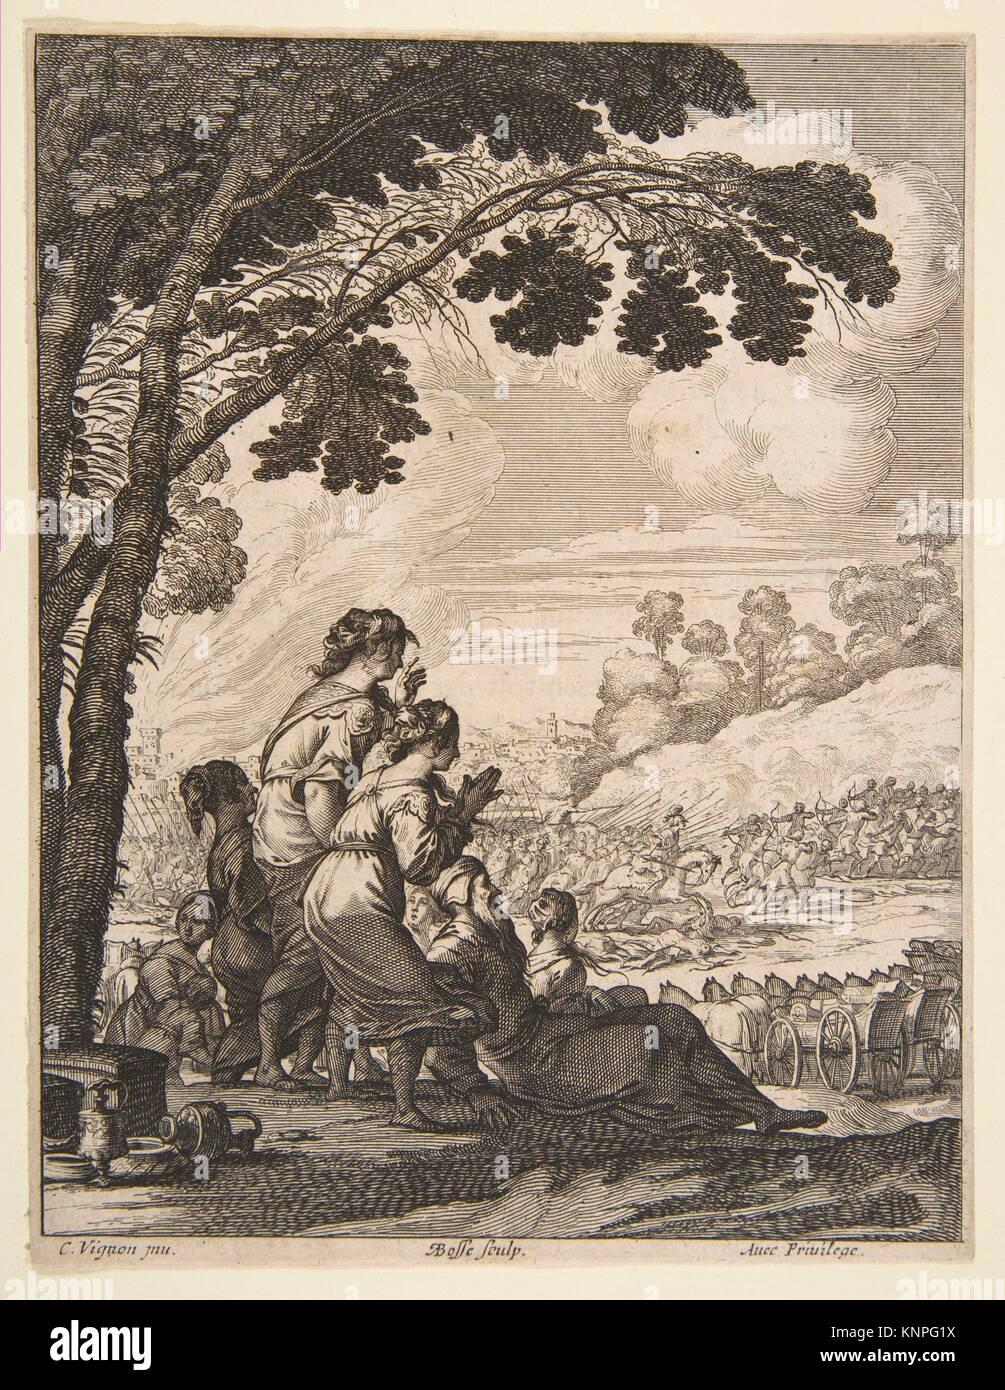 Abbildung von L'Ariane von Desmarets de Saint-Sorlin; Palamede auf dem Pferd konfrontiert seine Feinde während Stockbild